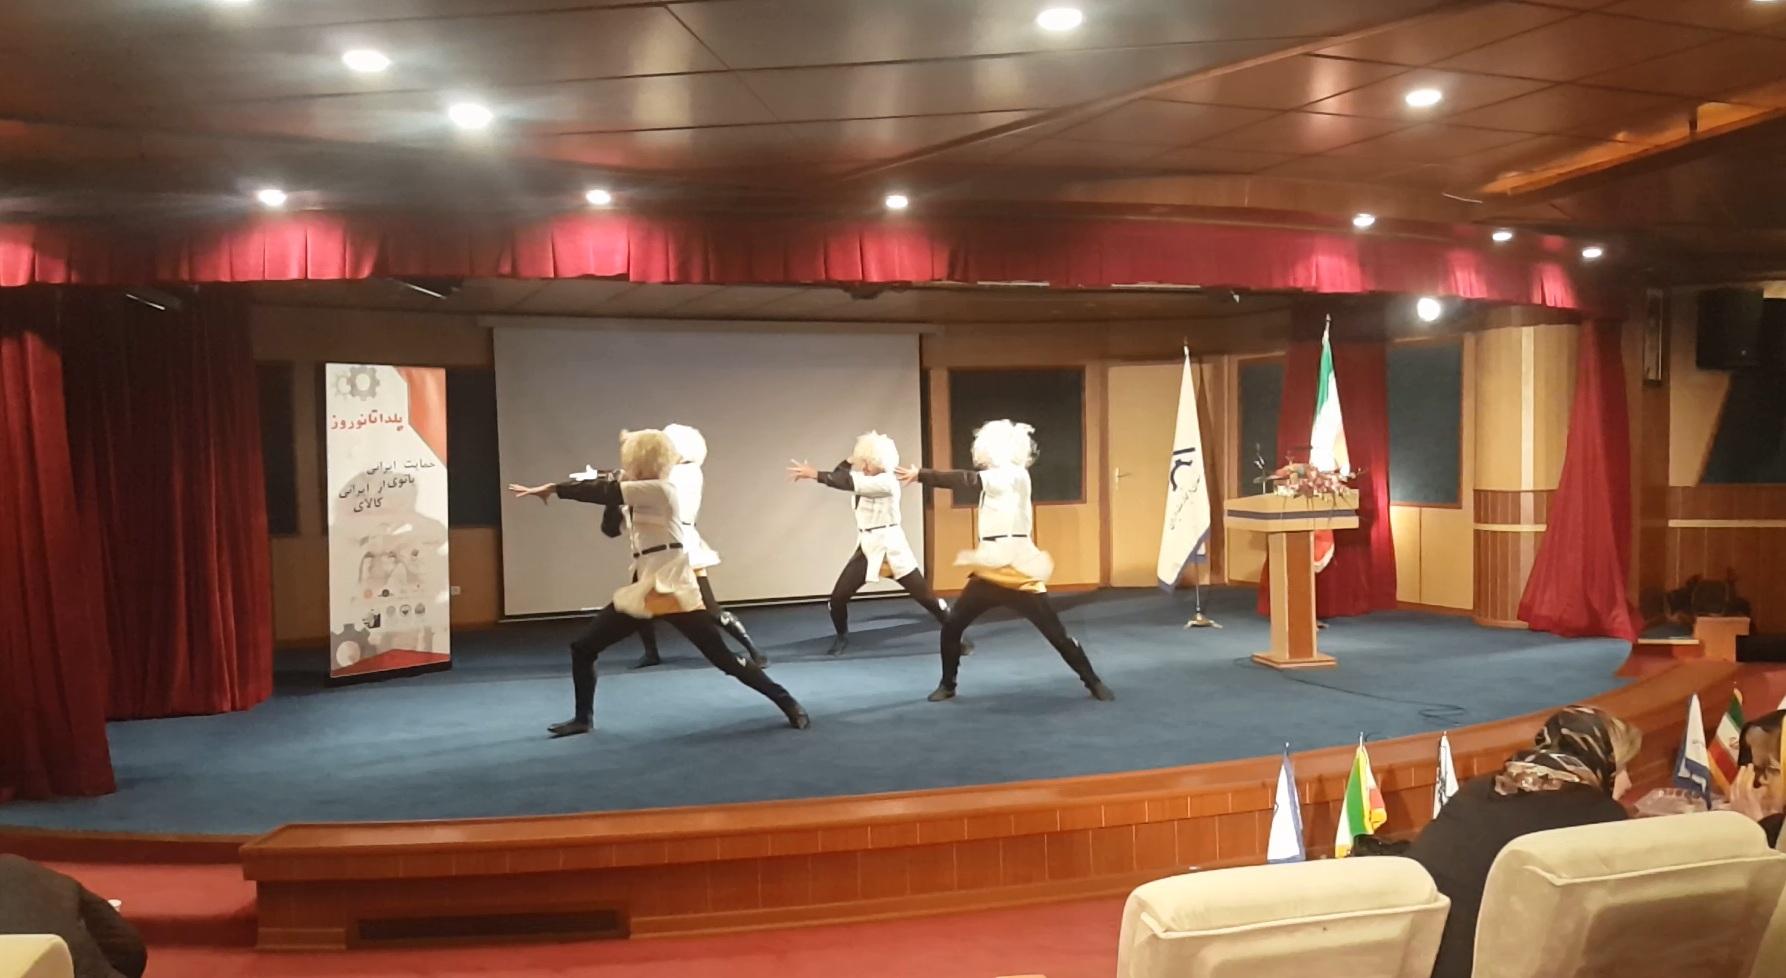 همایش یلدا تا نوروز مرکز همایش بوستان گفتگو – 1 دی 95